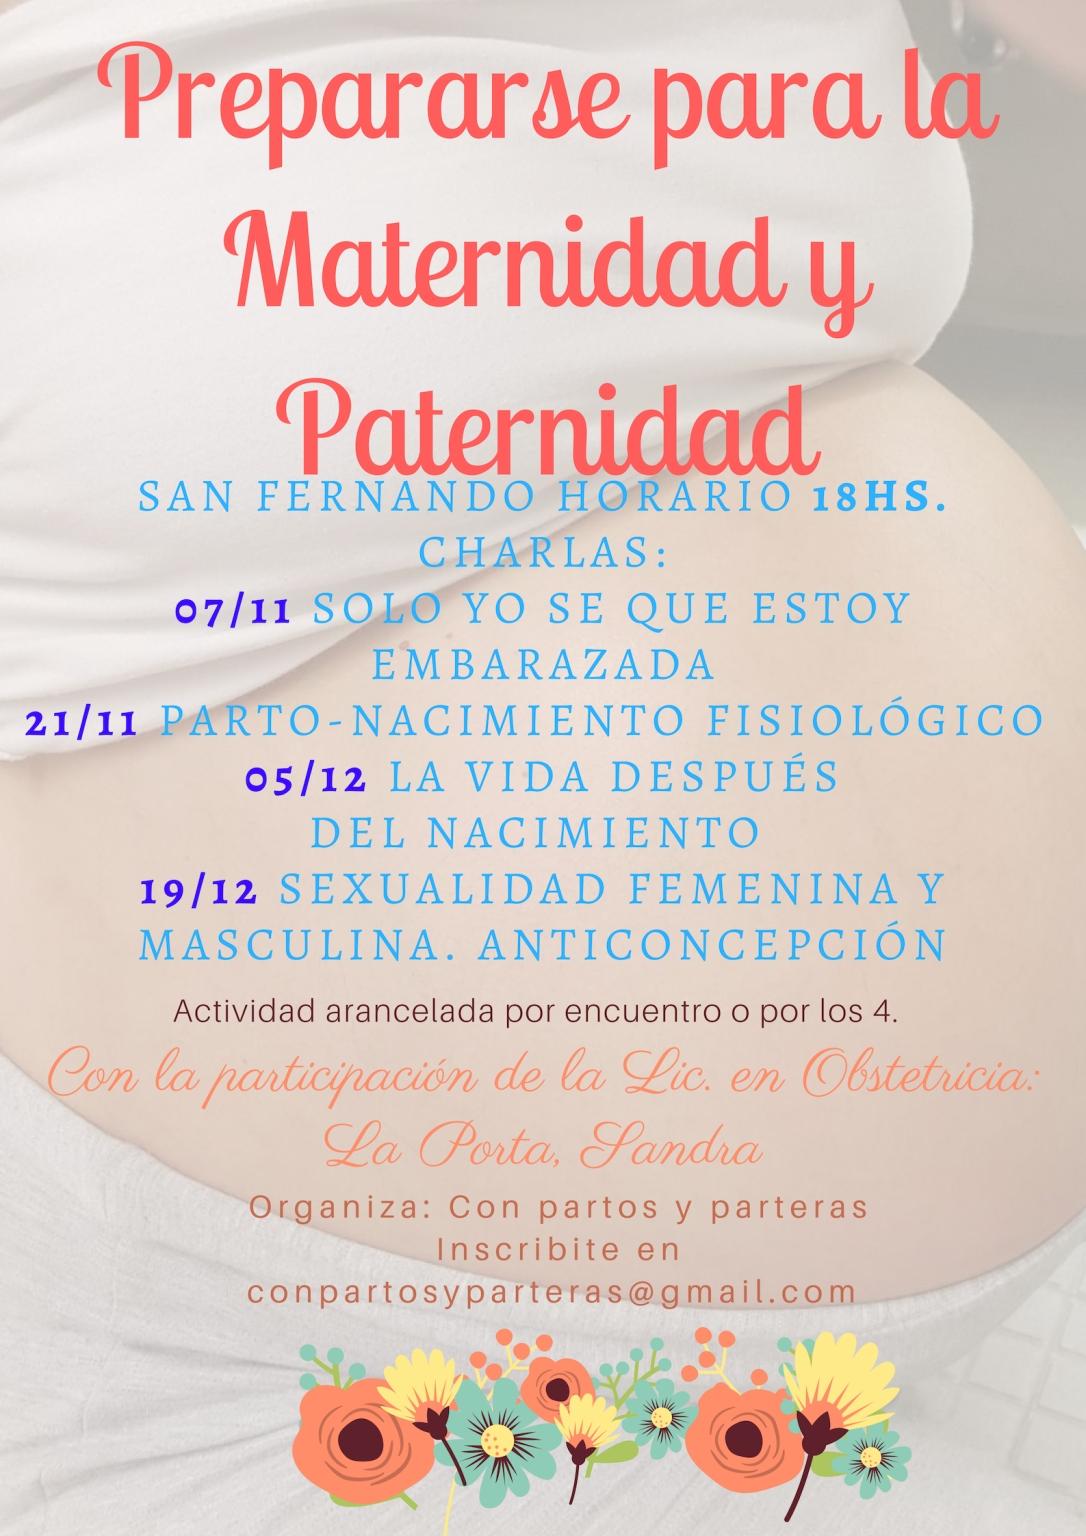 Prepararse para la Maternidad y Paternidad (1)